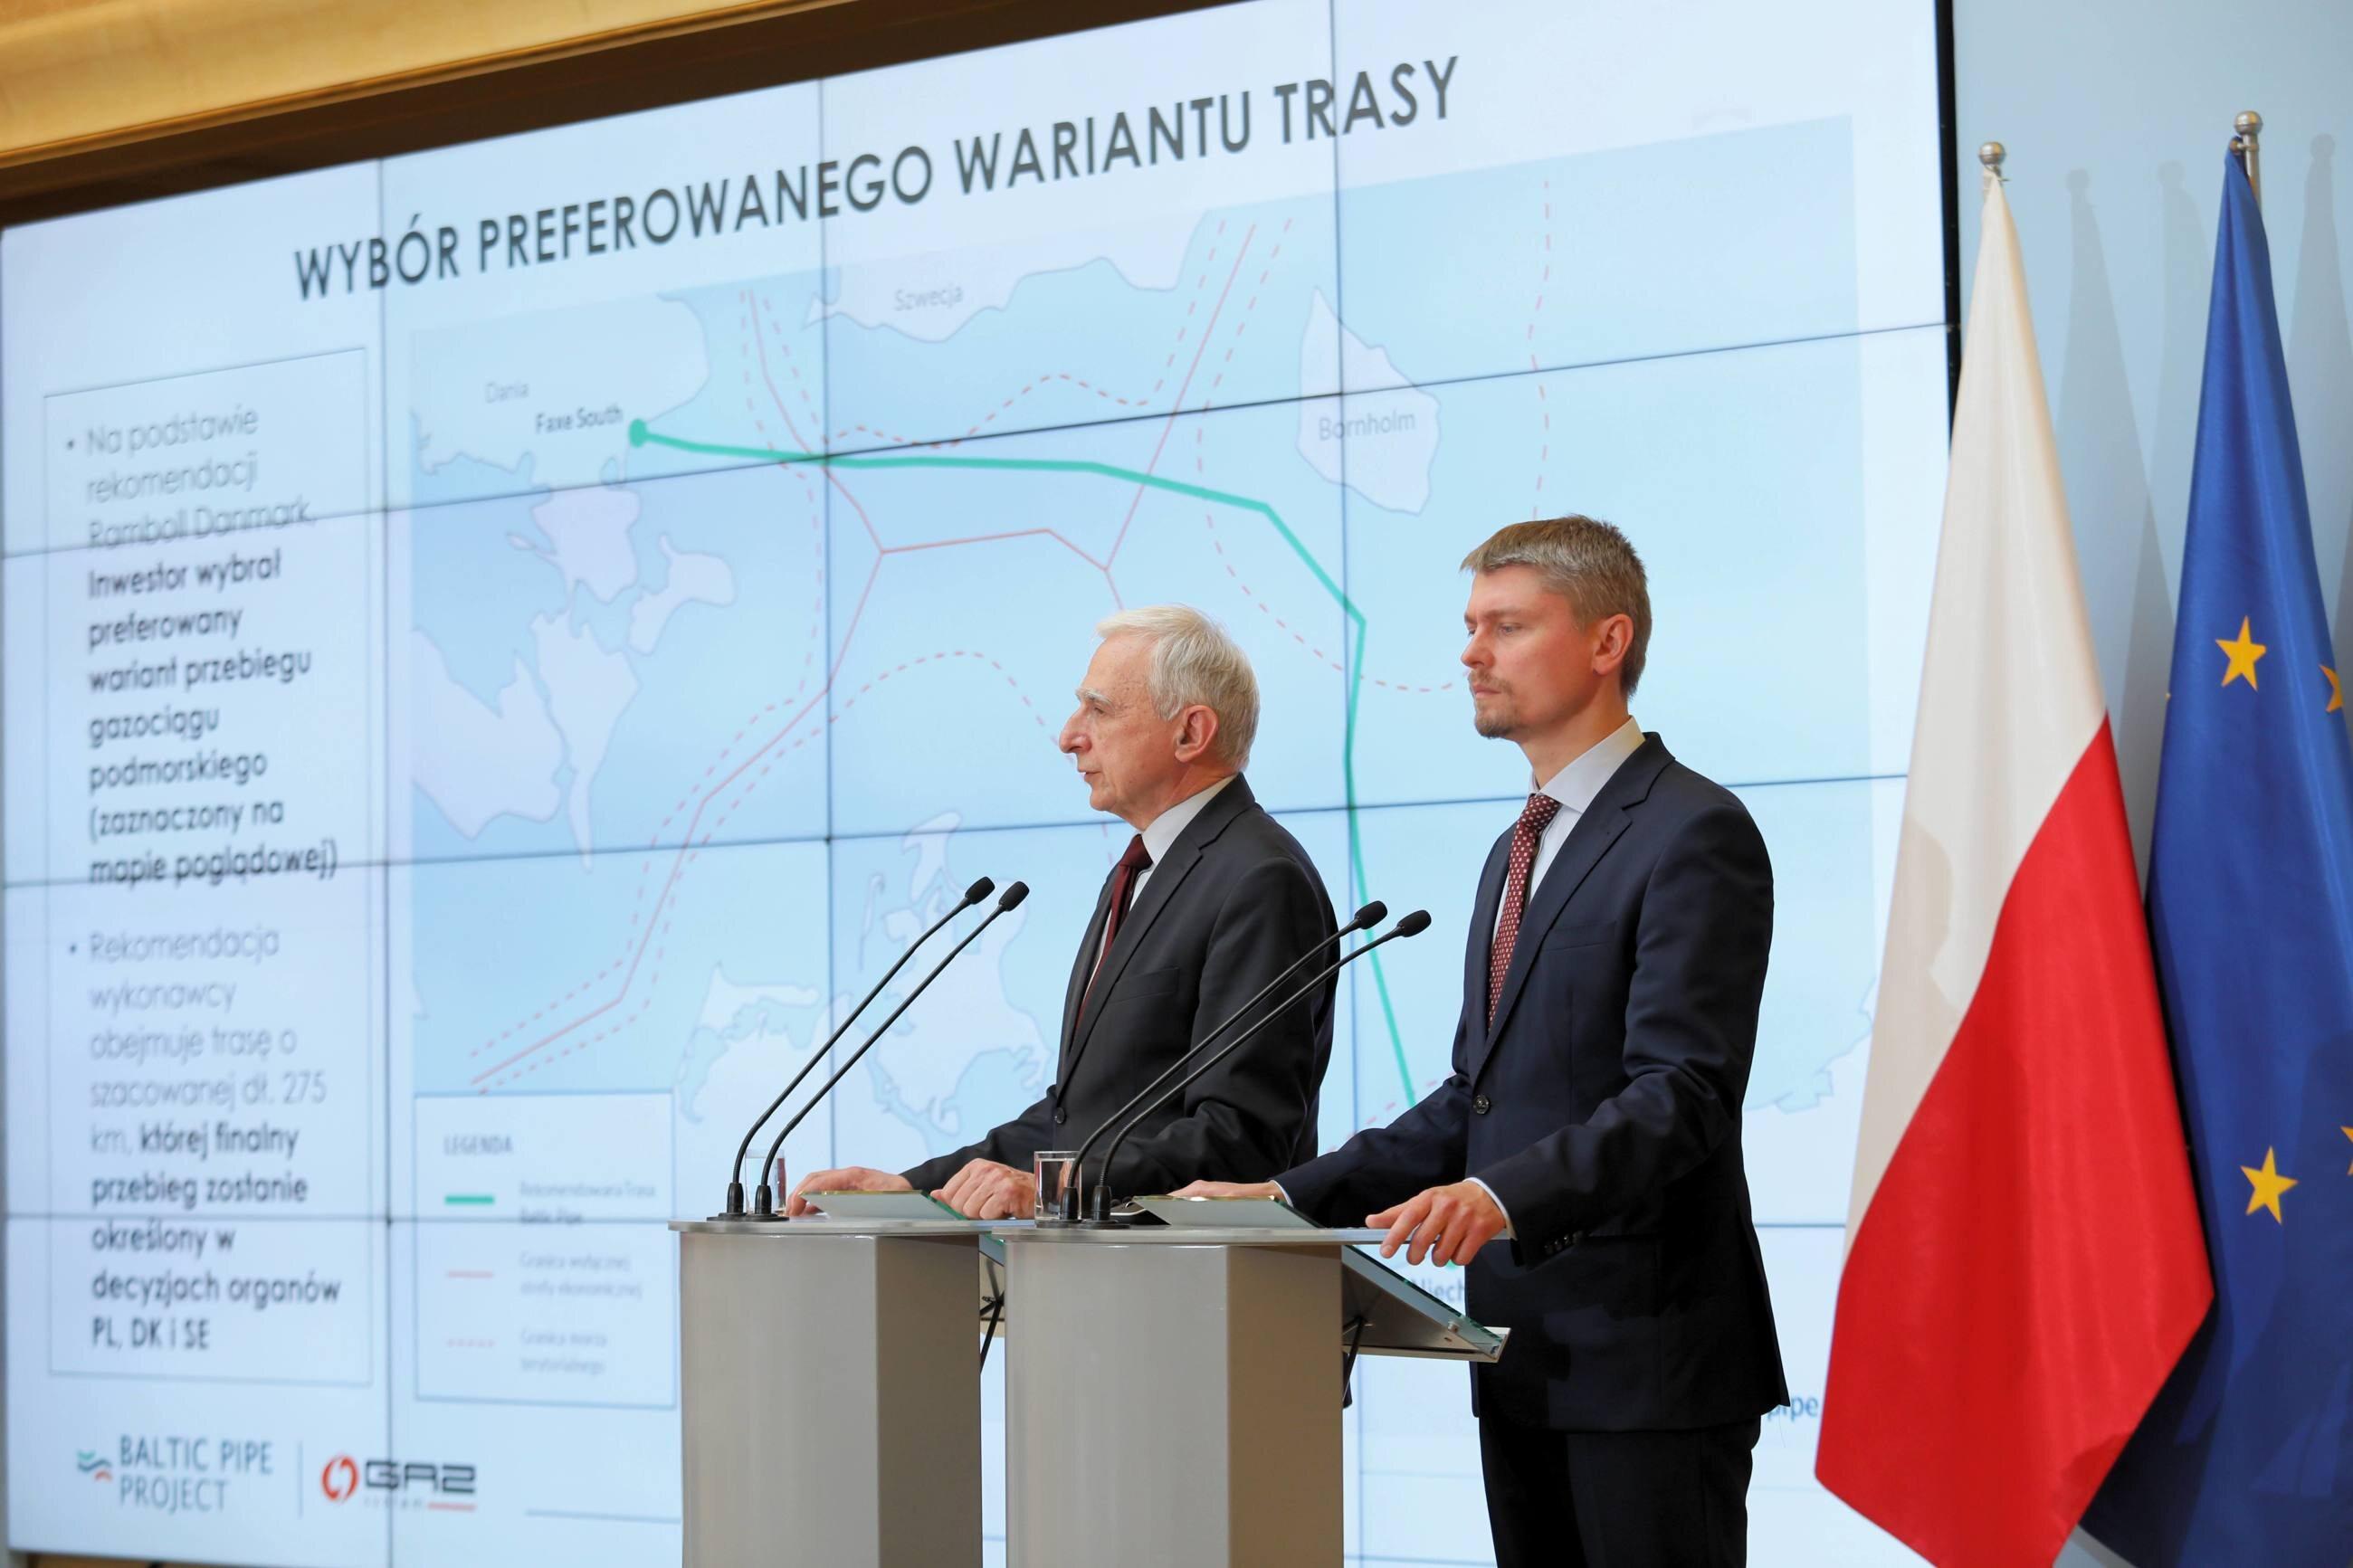 Pełnomocnik rządu do spraw strategicznej infrastruktury energetycznej Piotr Naimski (L) i prezes OGP Gaz-System S.A. Tomasz Stępień (P) podczas konferencji prasowej nt. aktualnego stanu prac nad projektem Baltic Pipe